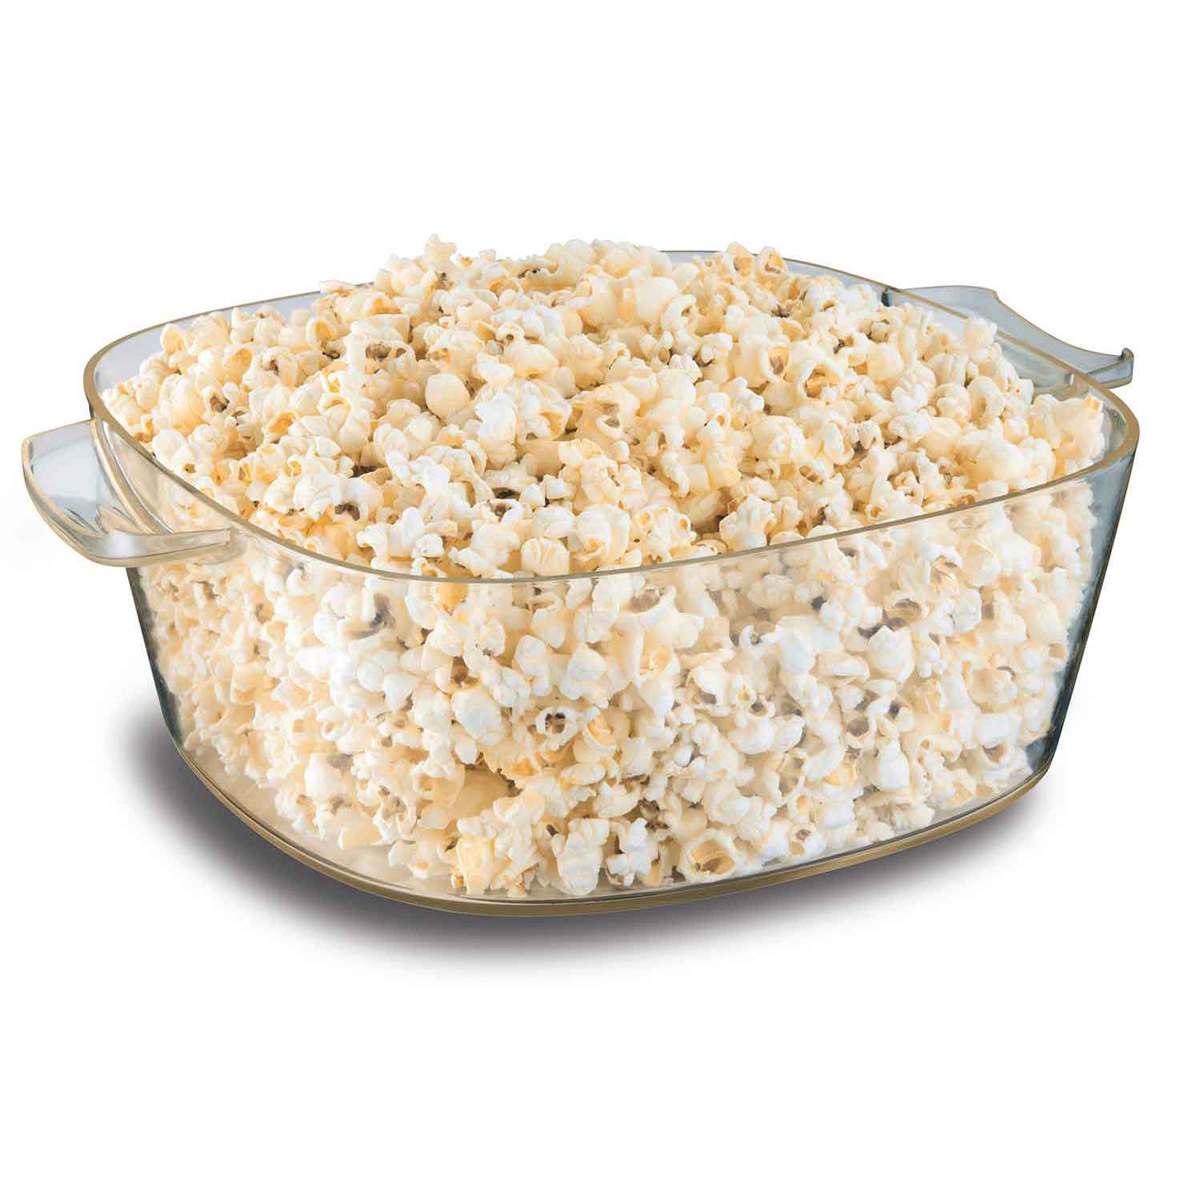 hot oil popcorn popper - Popcorn Makers